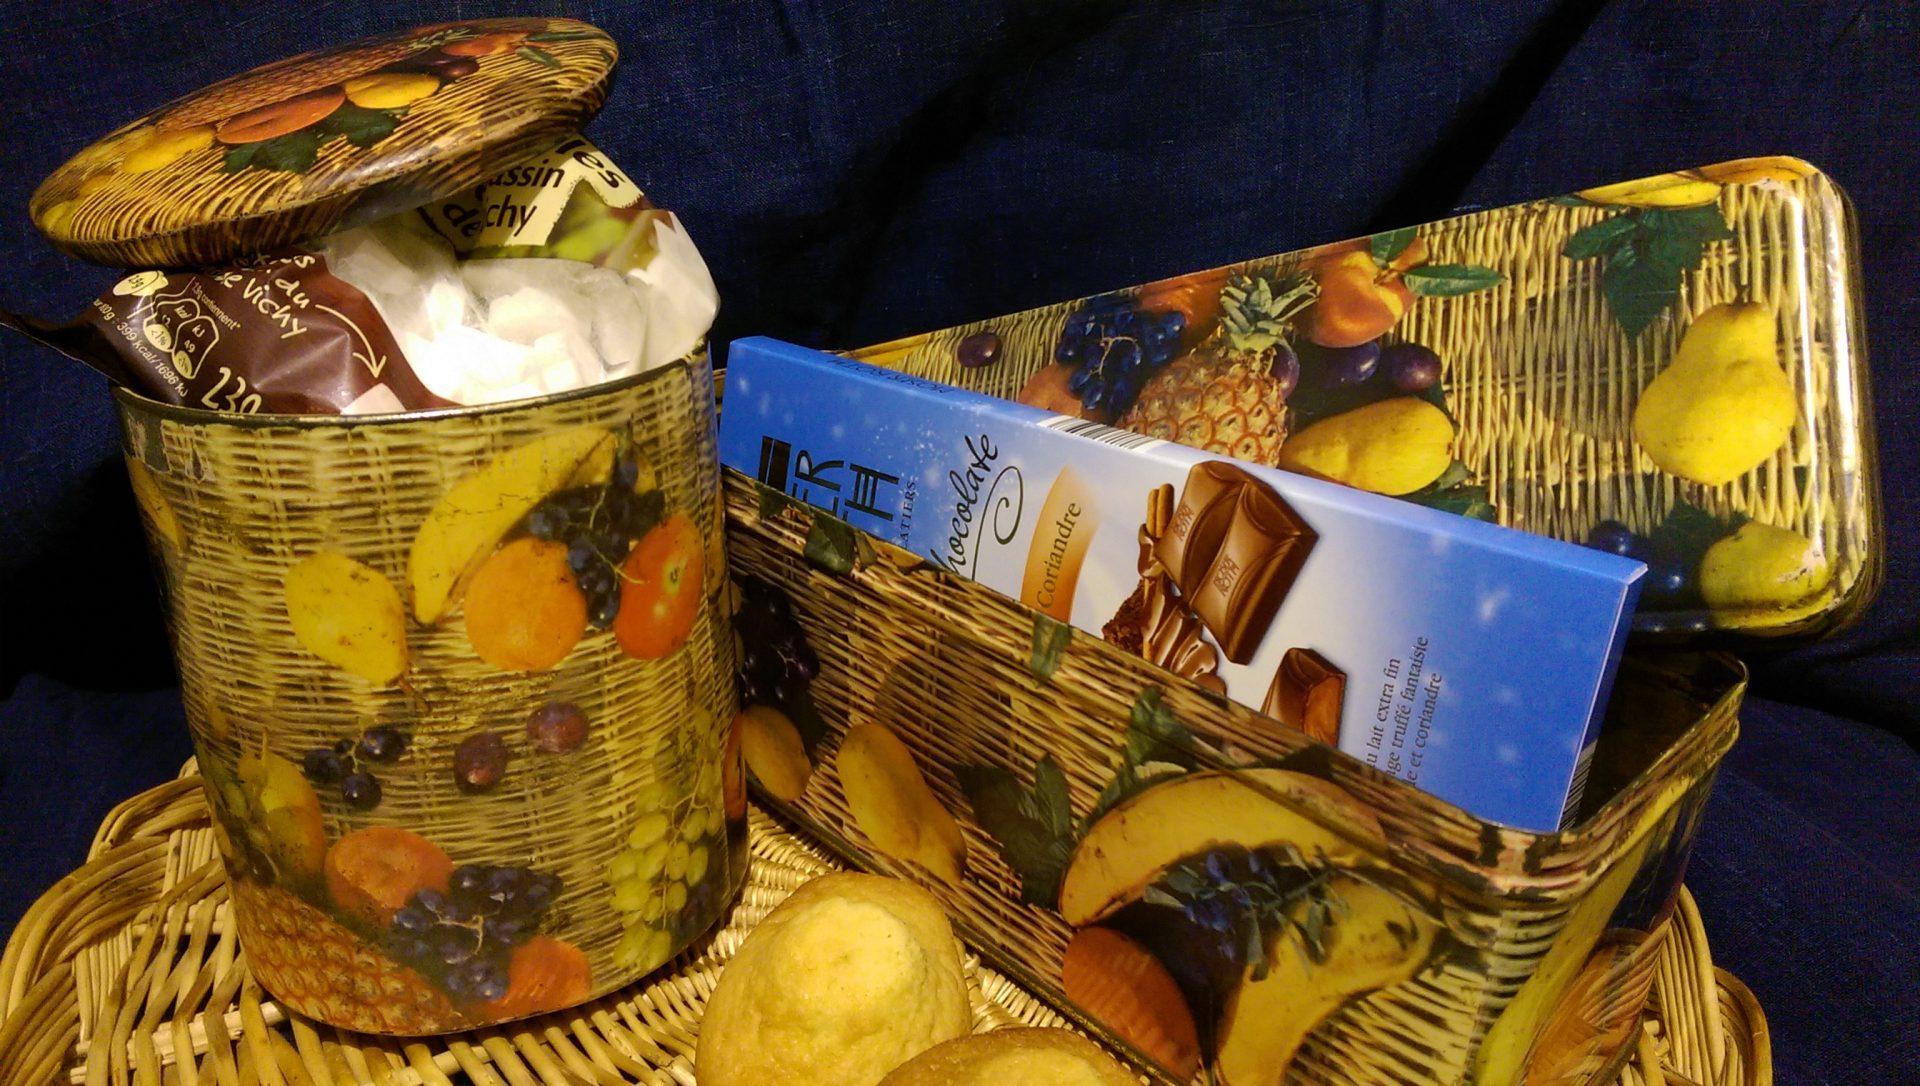 La boîte à gâteaux et la boîte à bonbons - Crédit photo izart.fr